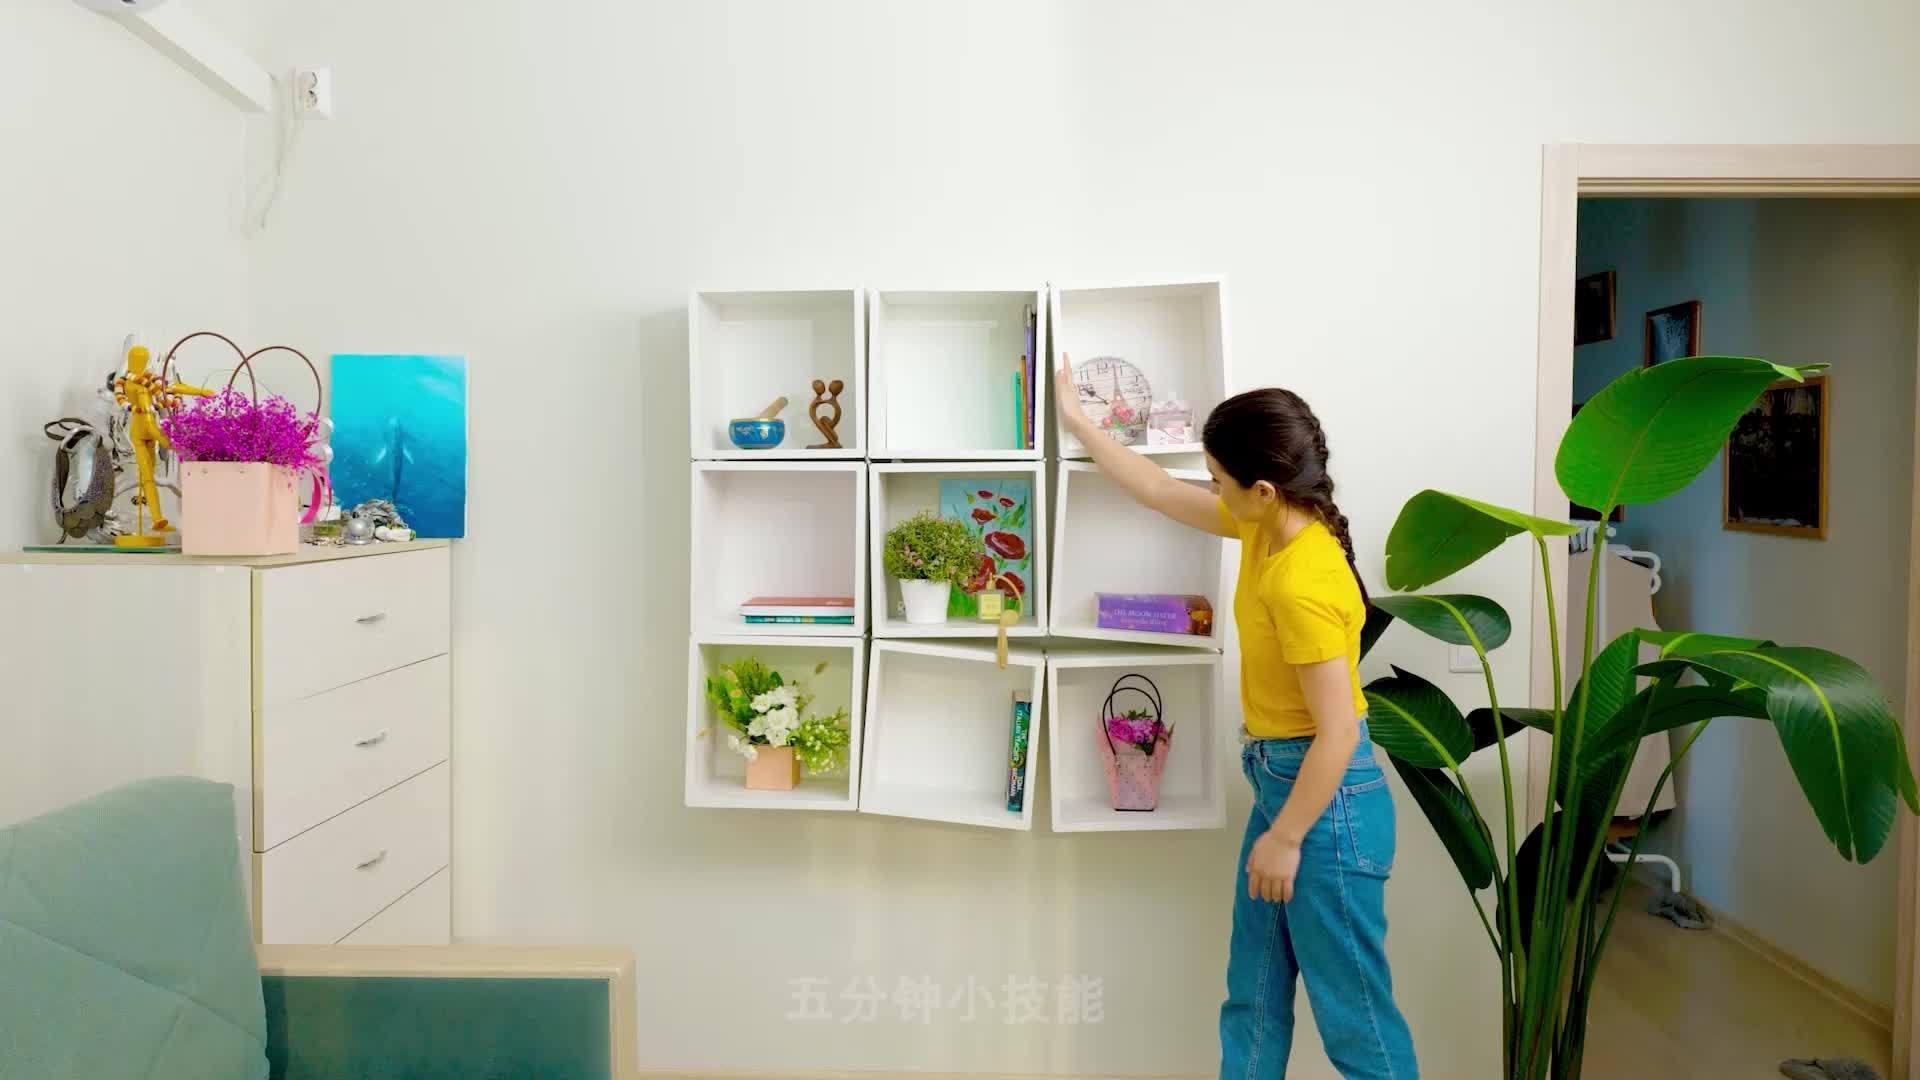 可移动墙壁储物柜?书籍拼接挂画?牛奶桶变盆栽盒?……